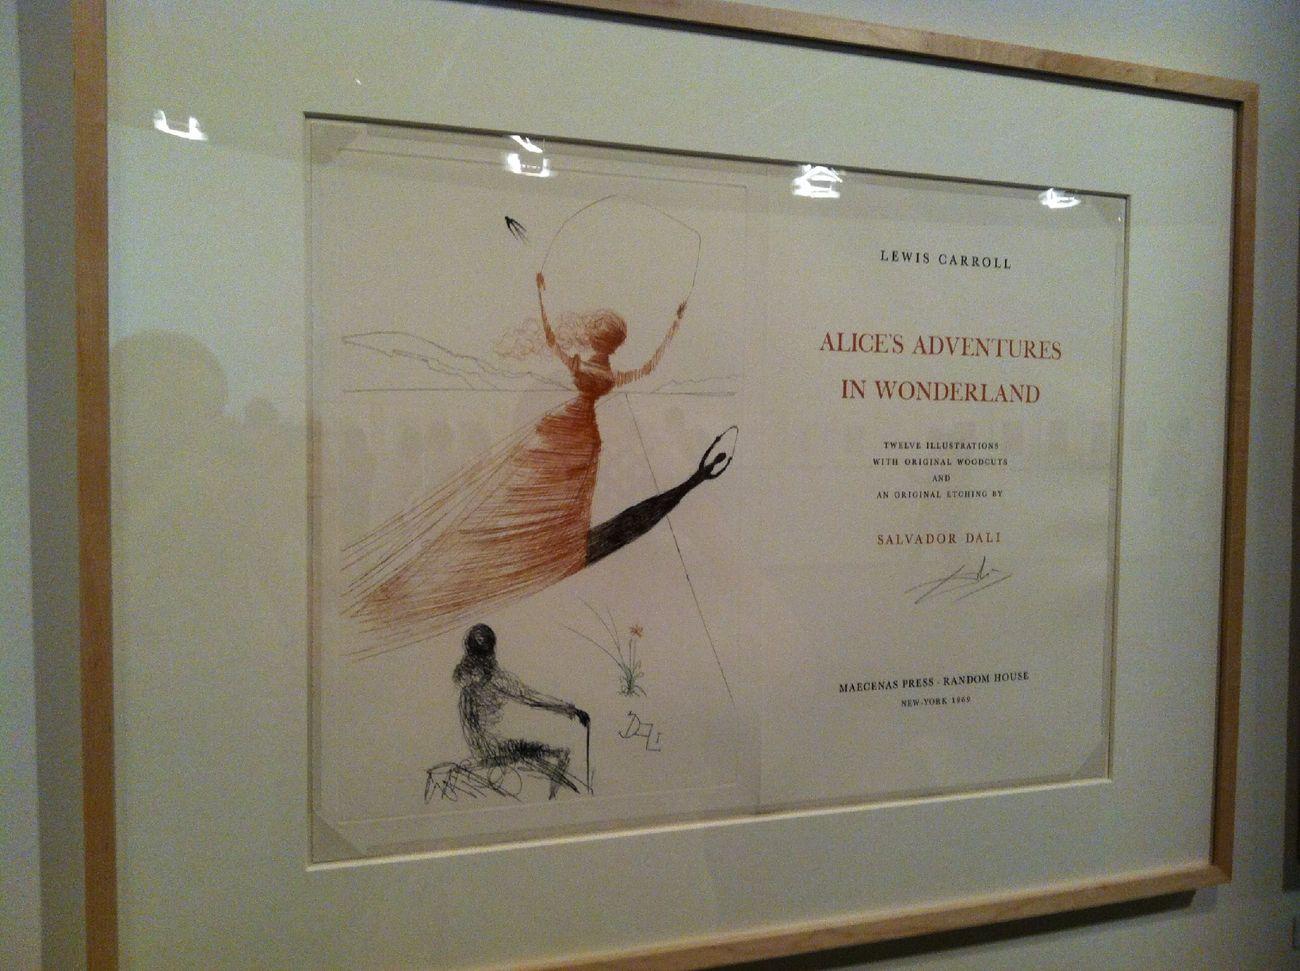 Art Salvadordali ilustrações de salvador dali para o conto de Alice no pais das maravilhas